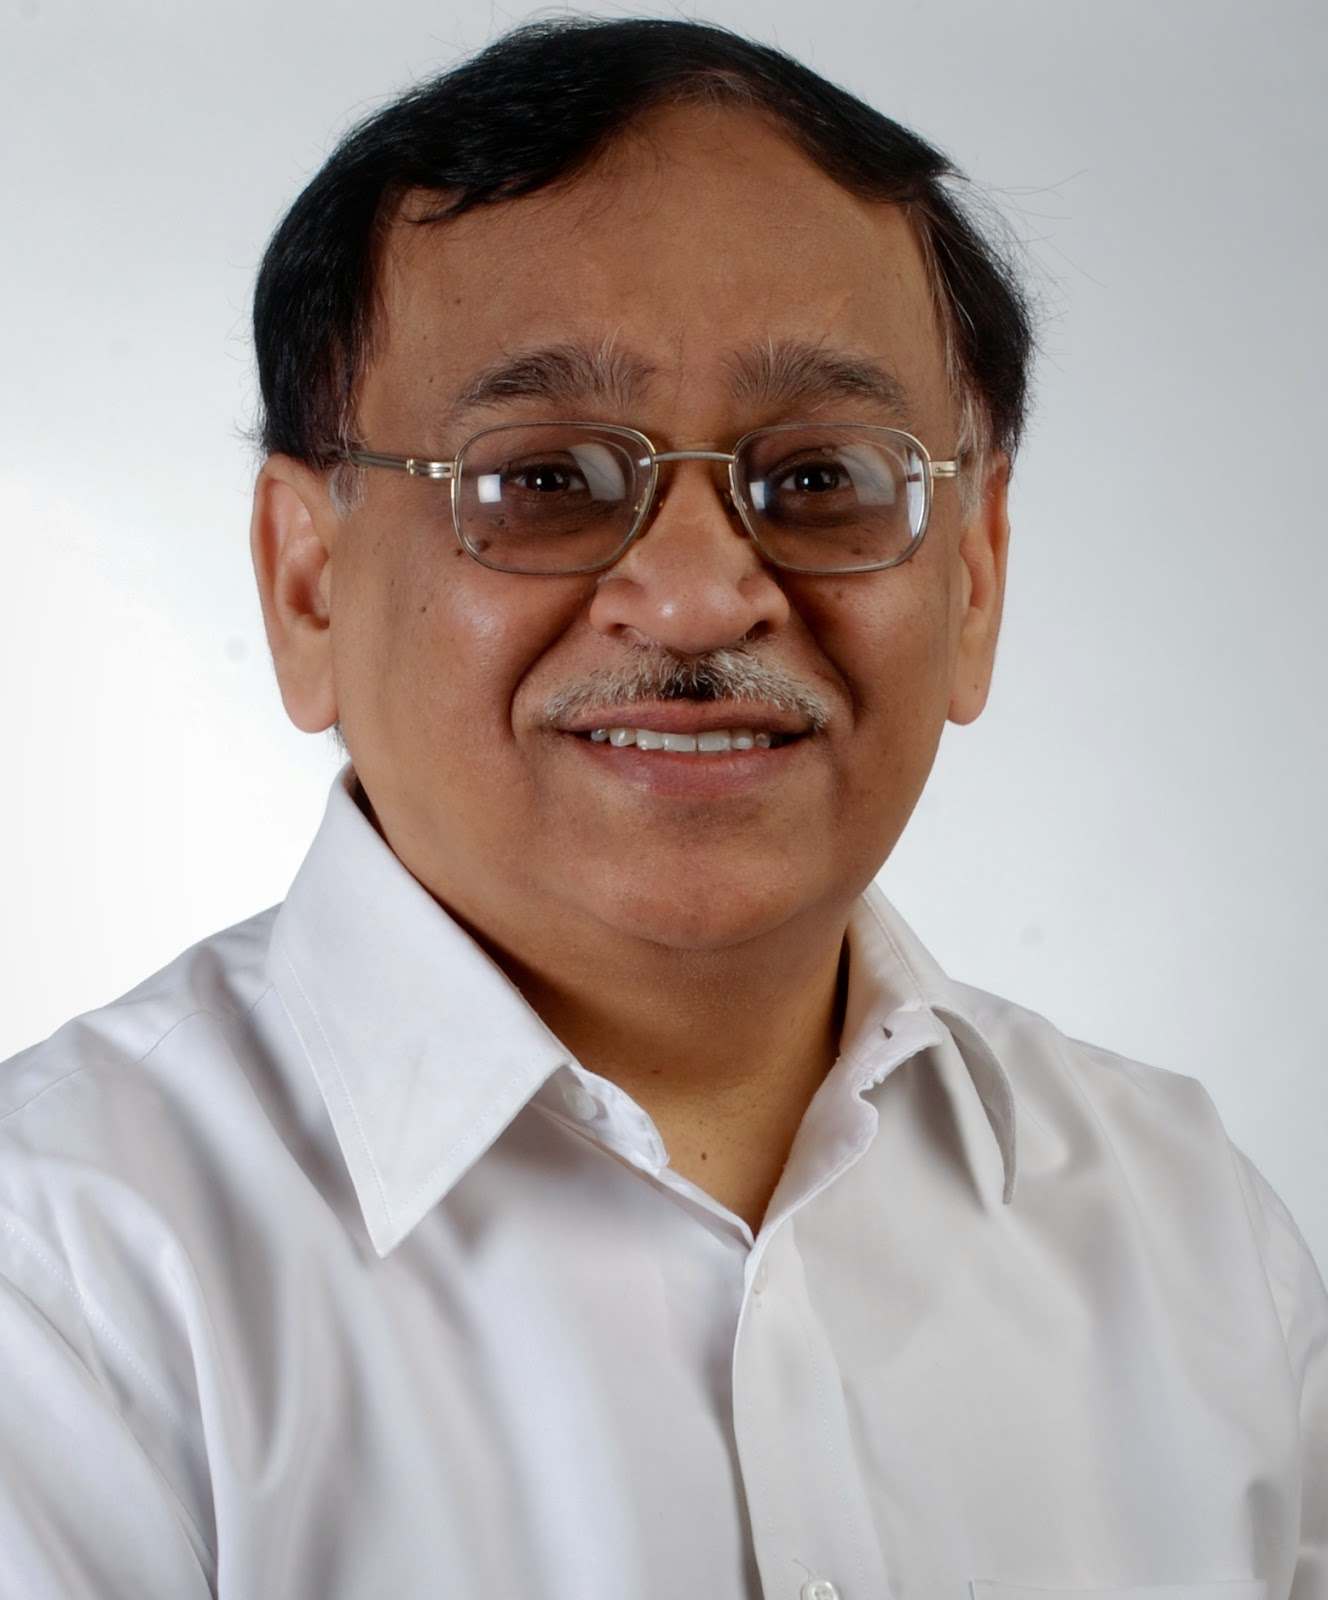 Professor Girish Kumar